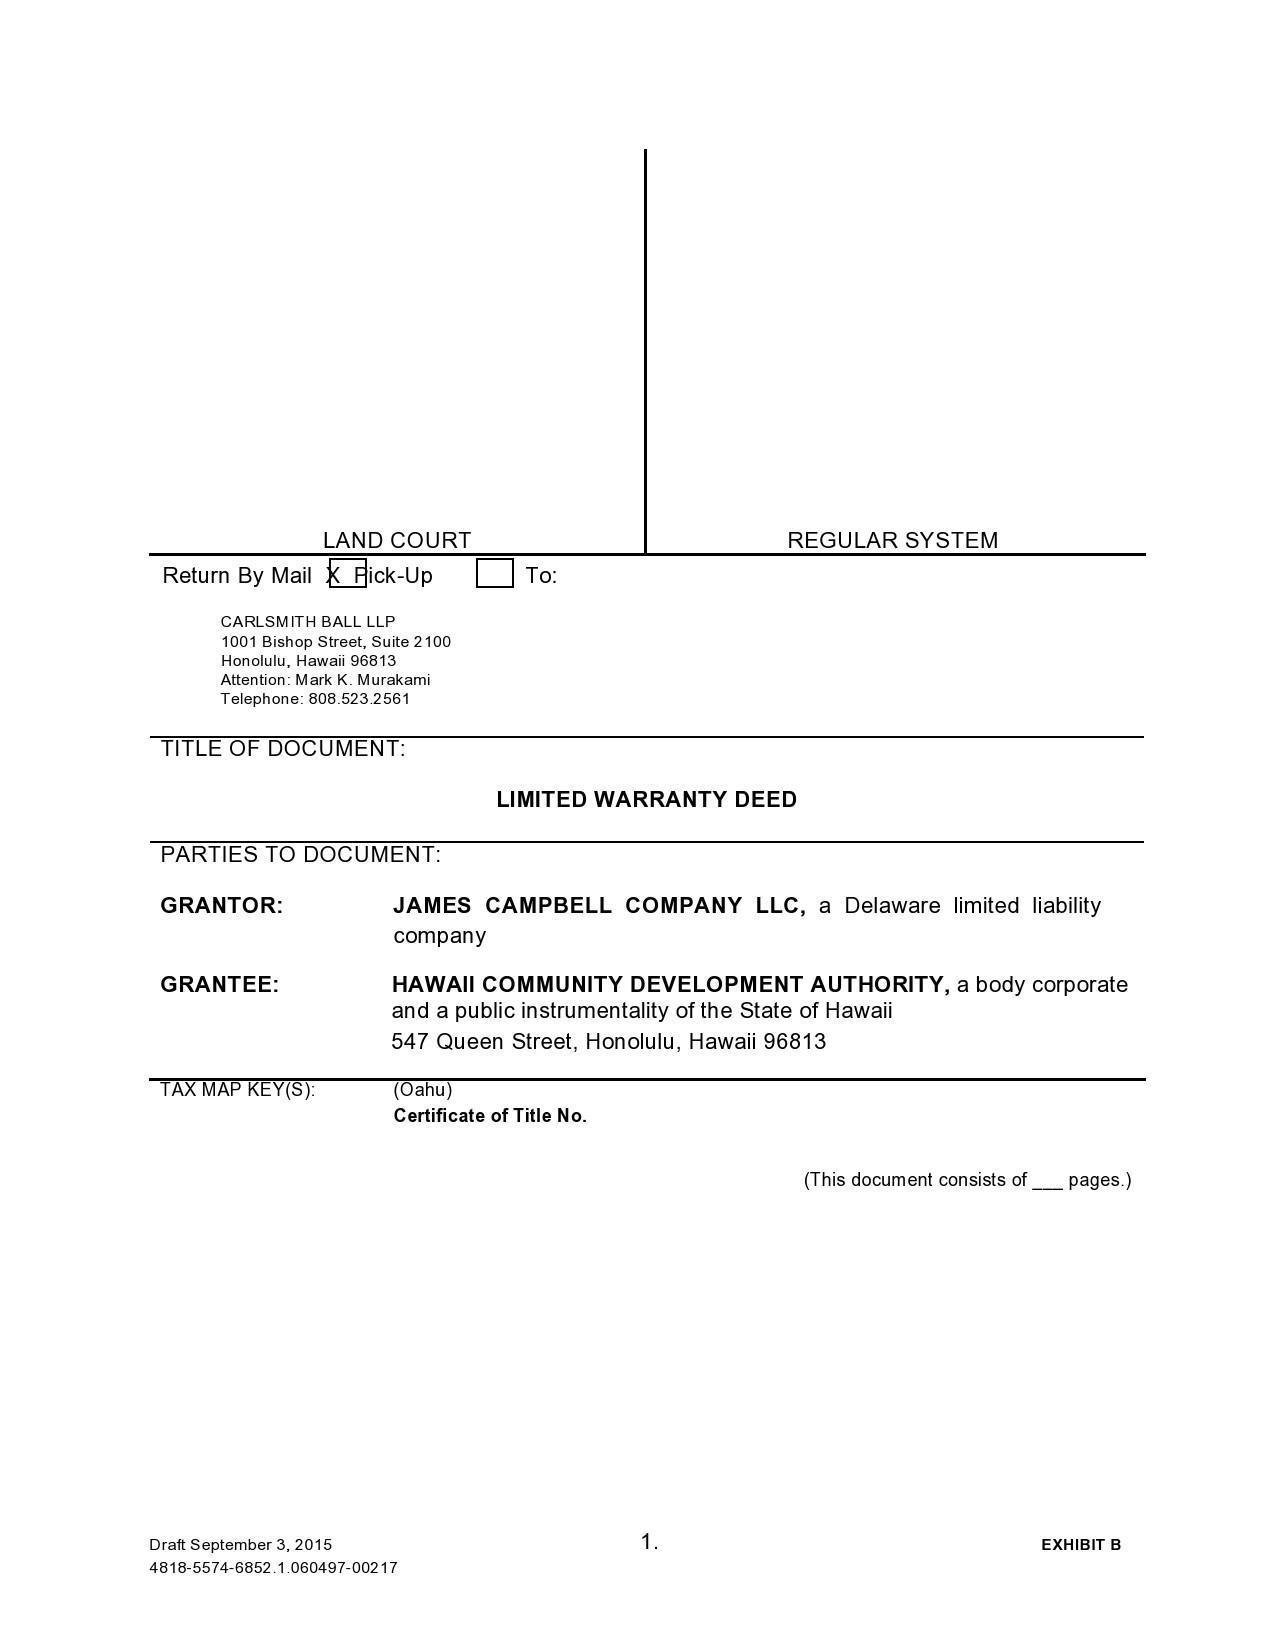 Free warranty deed form 26